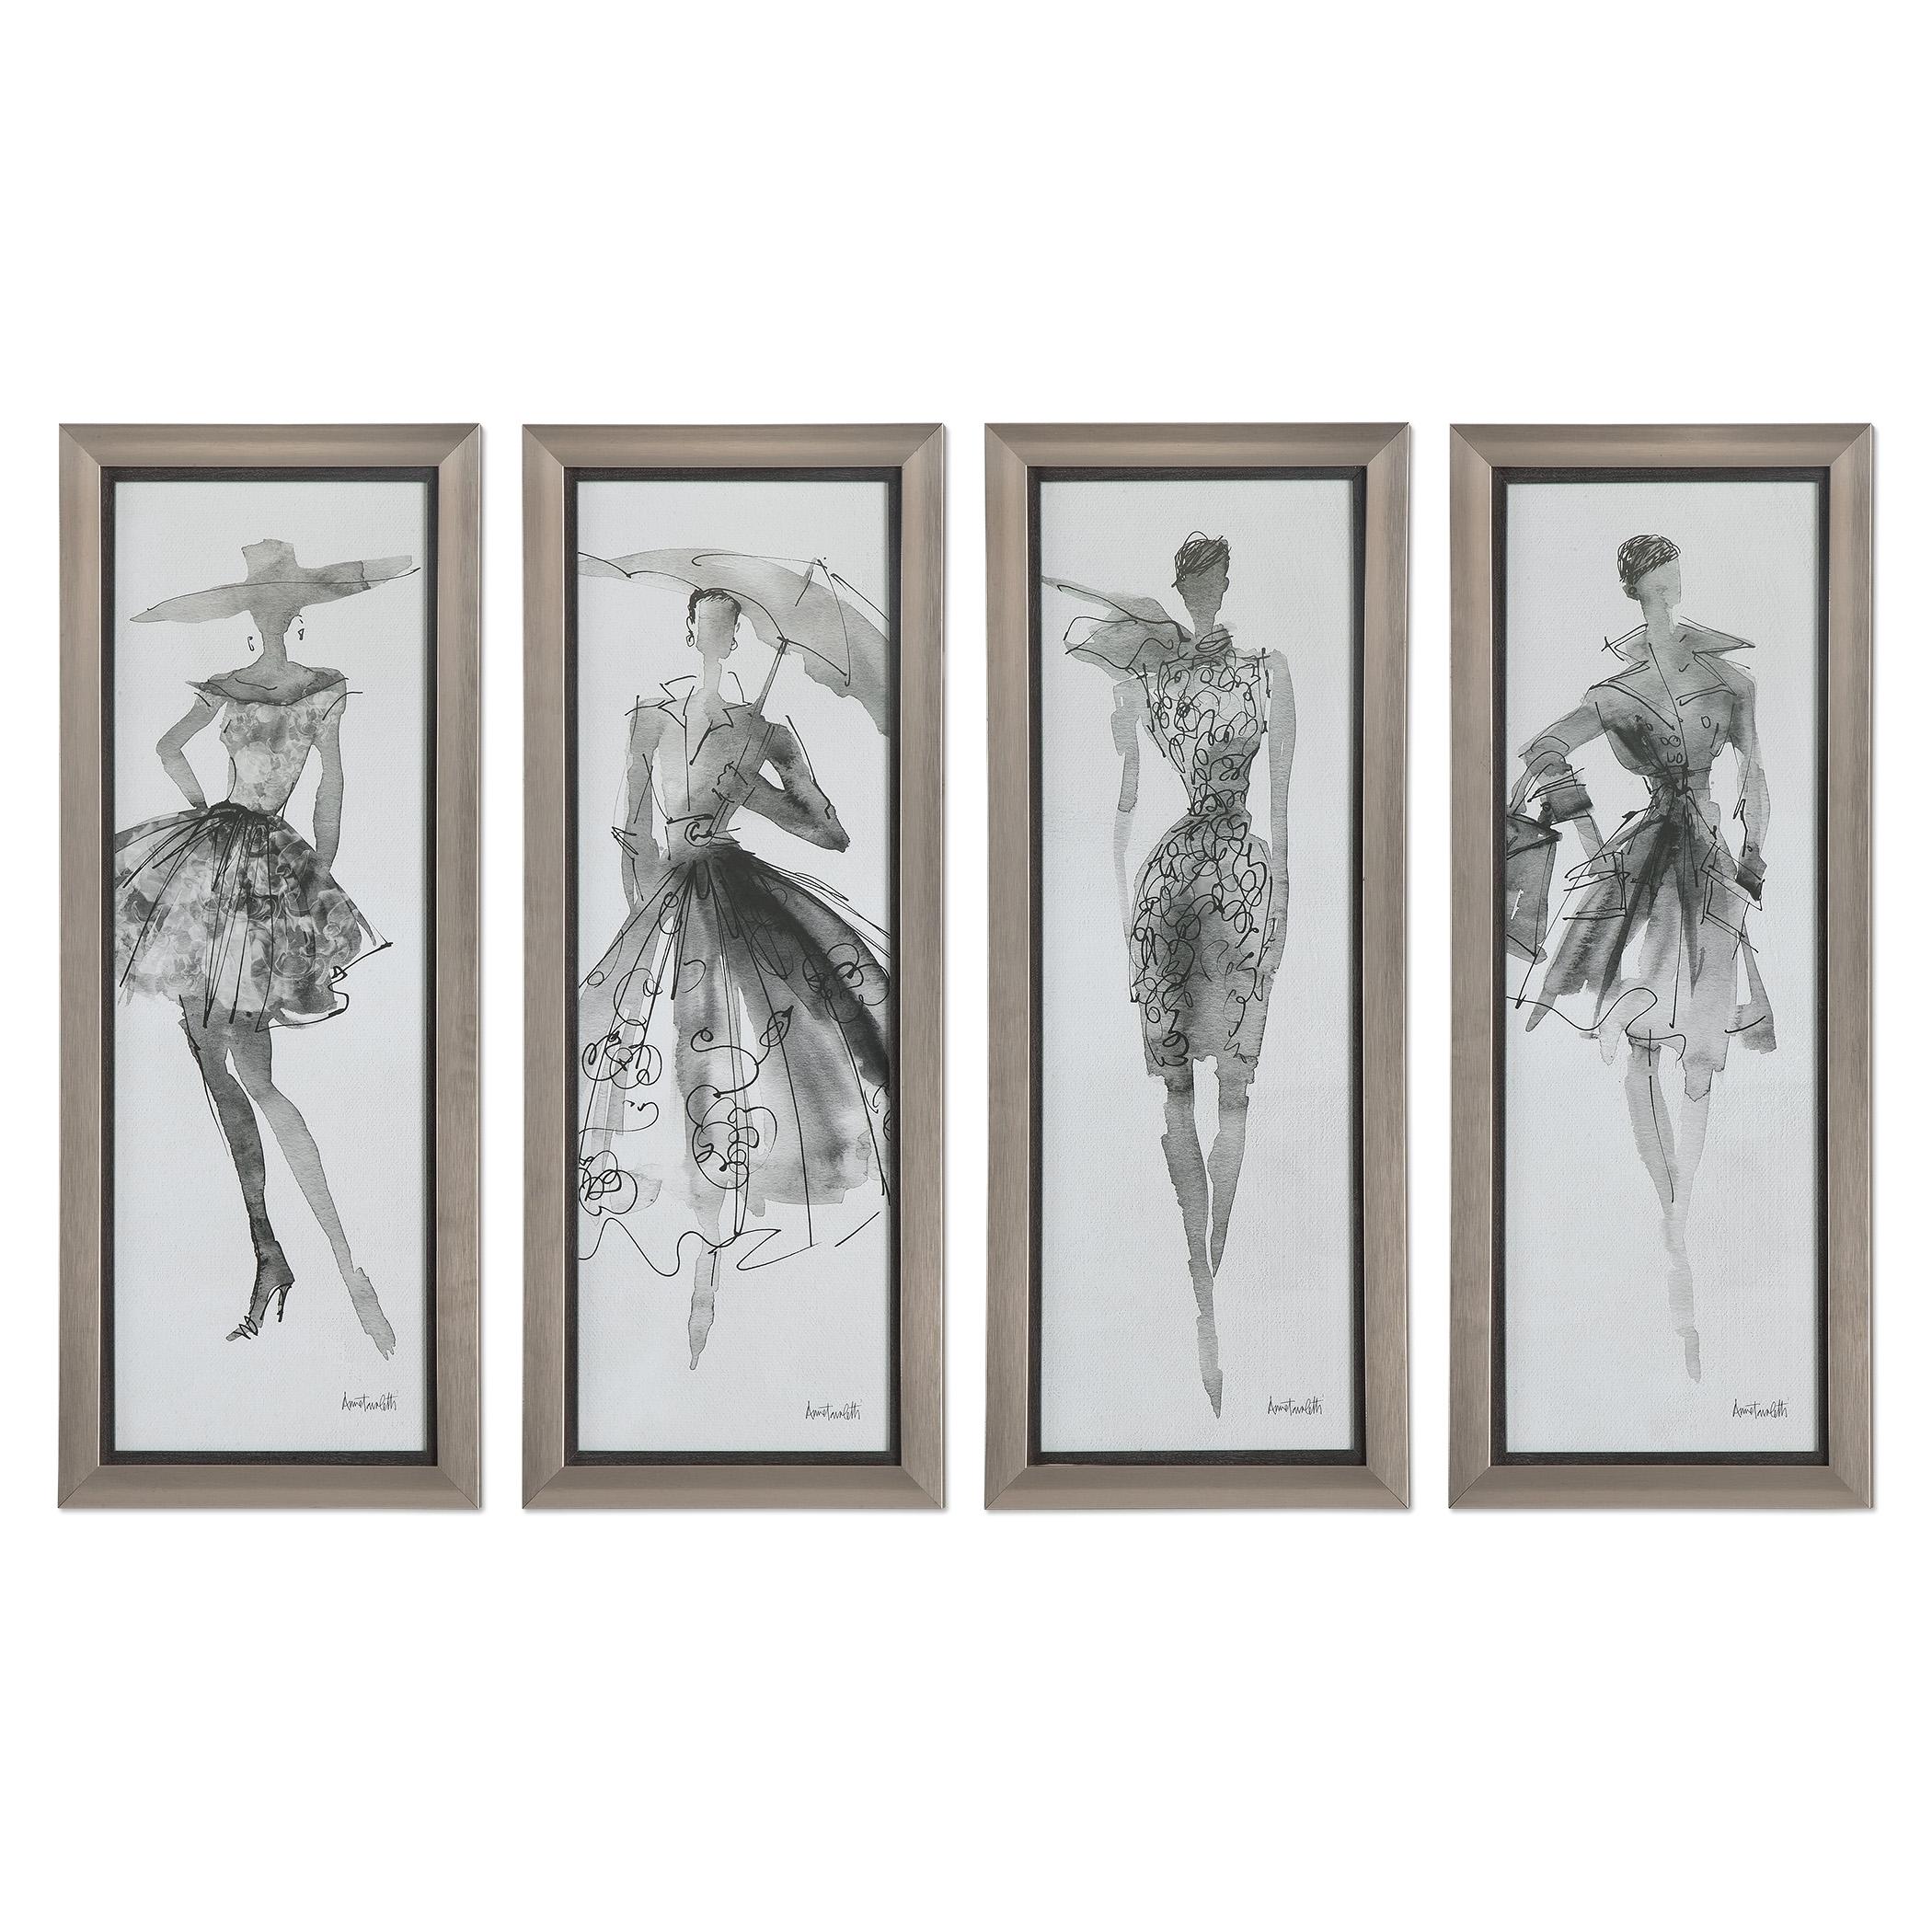 Uttermost Art Fashion Sketchbook Art, S/4 - Item Number: 33624